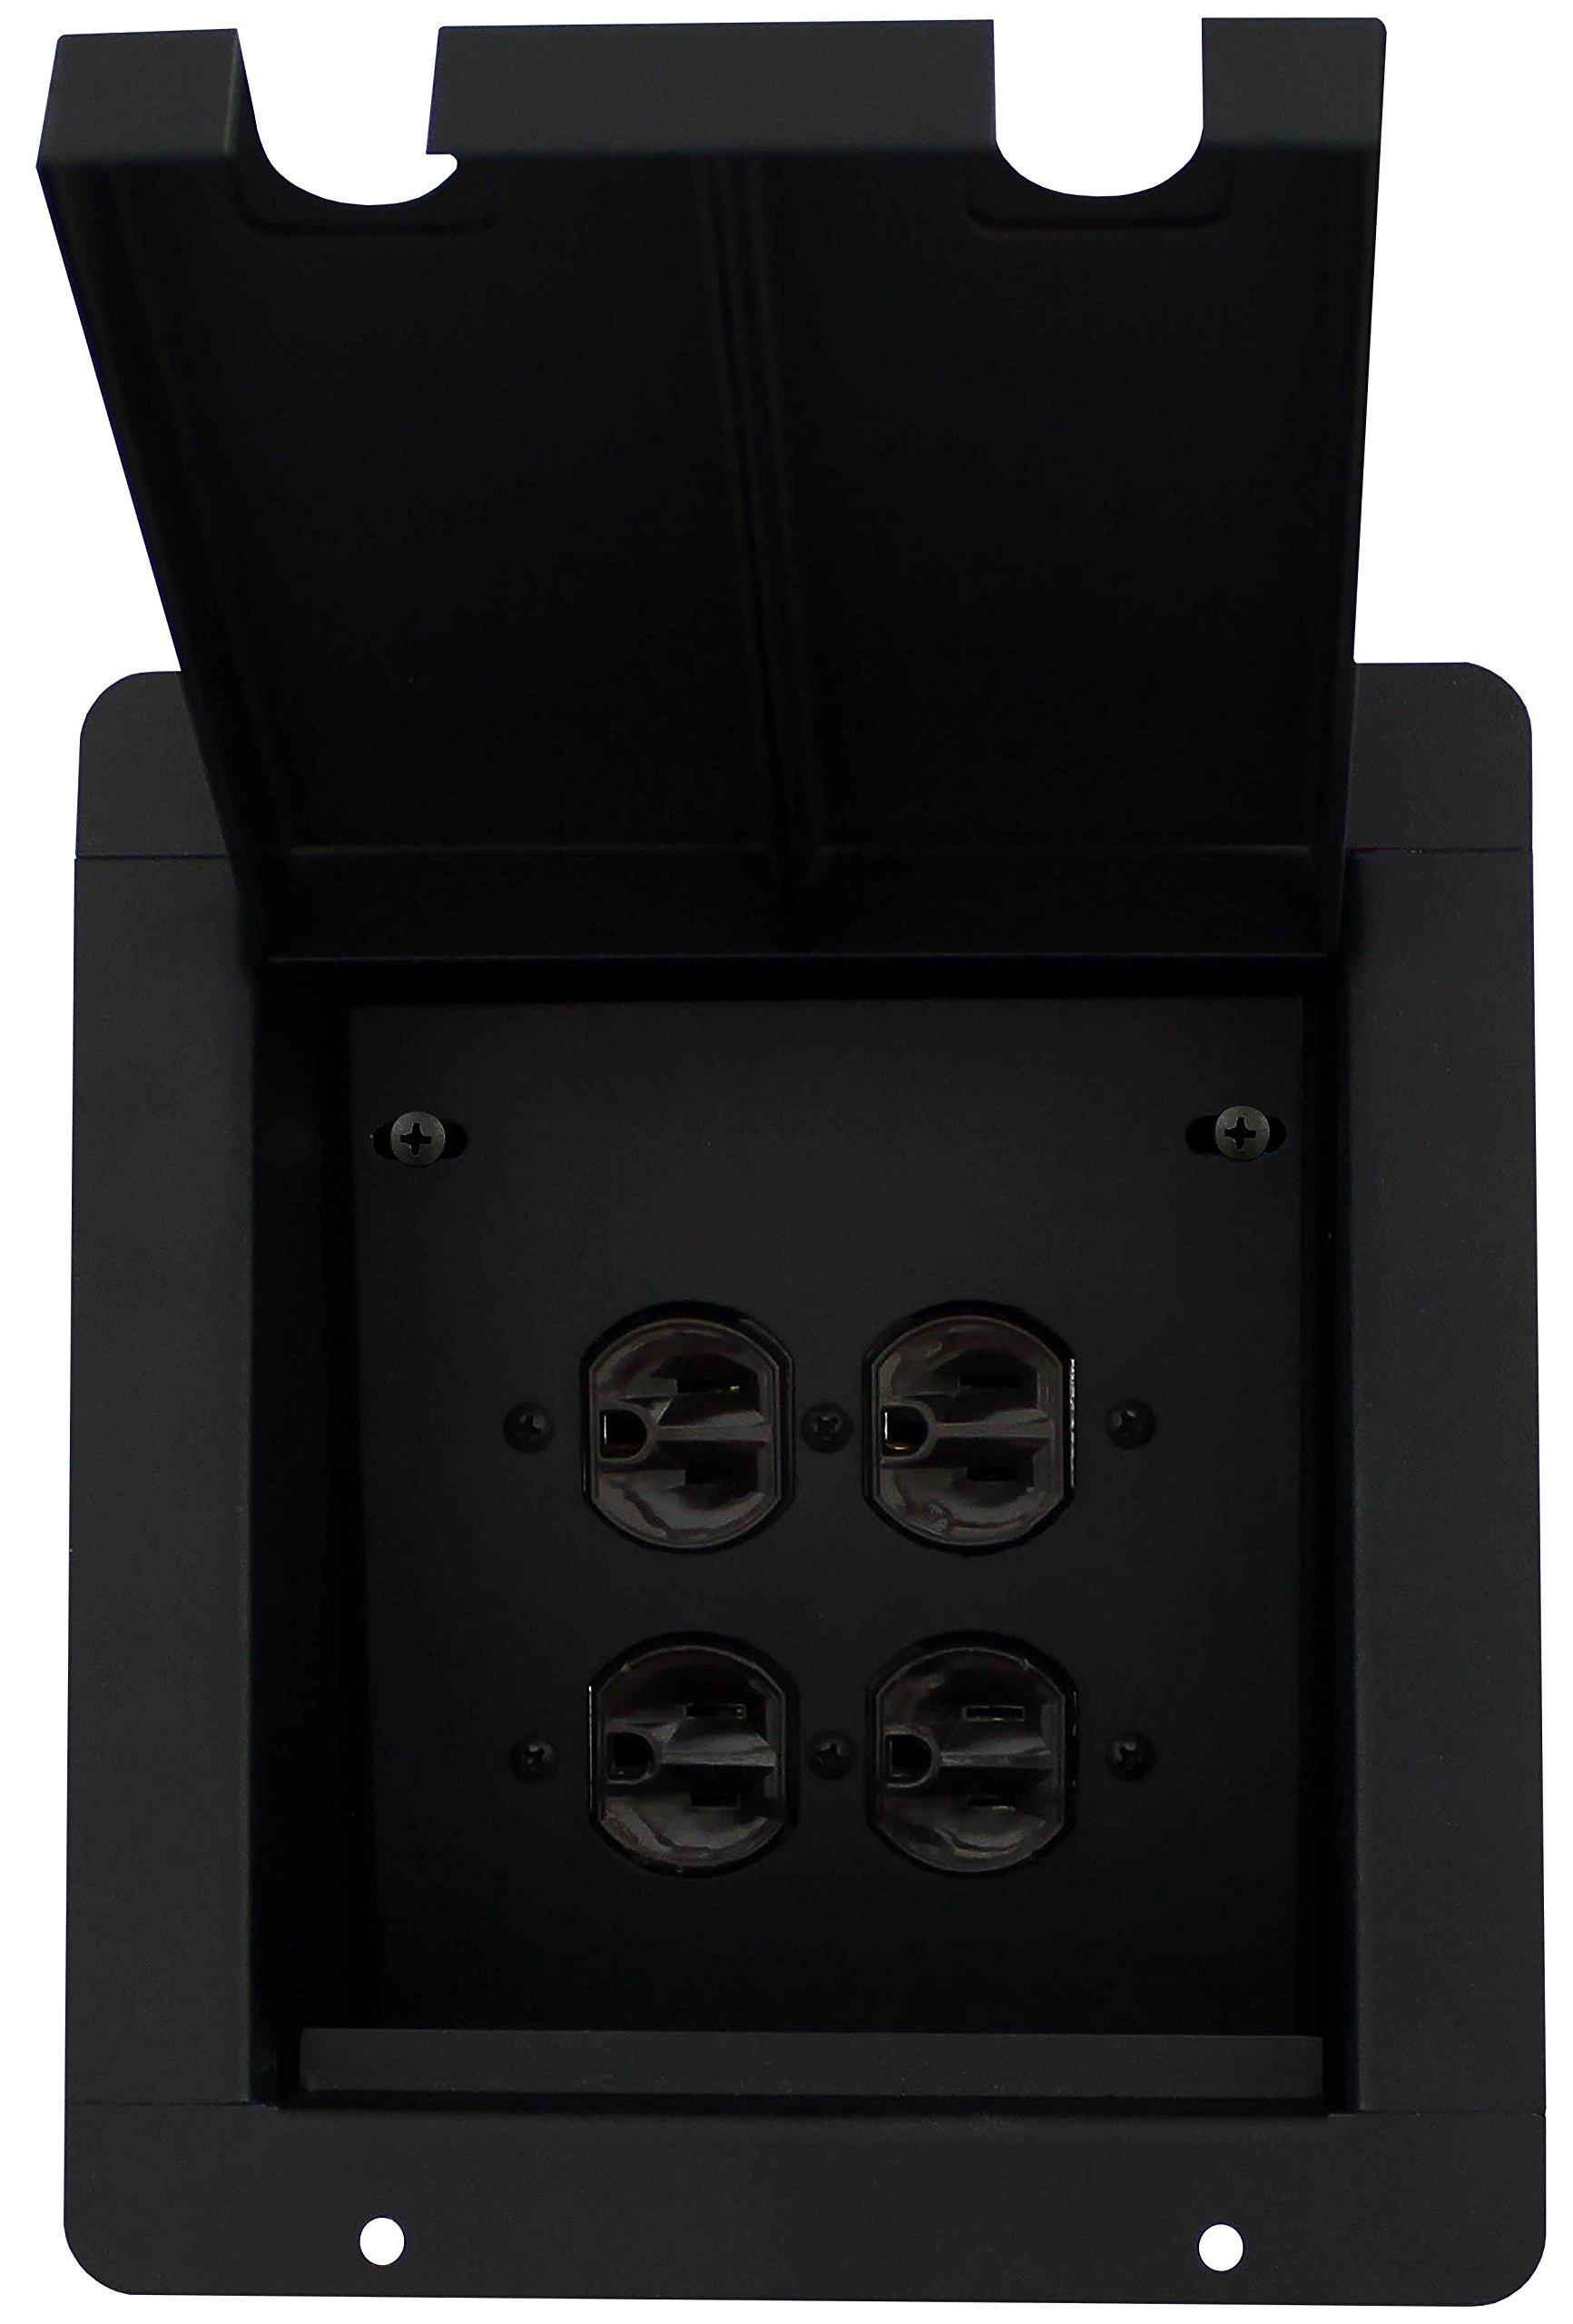 Pro Co Sound PM2AC Recessed Floor Box, 2) AC Duplex Receptacles